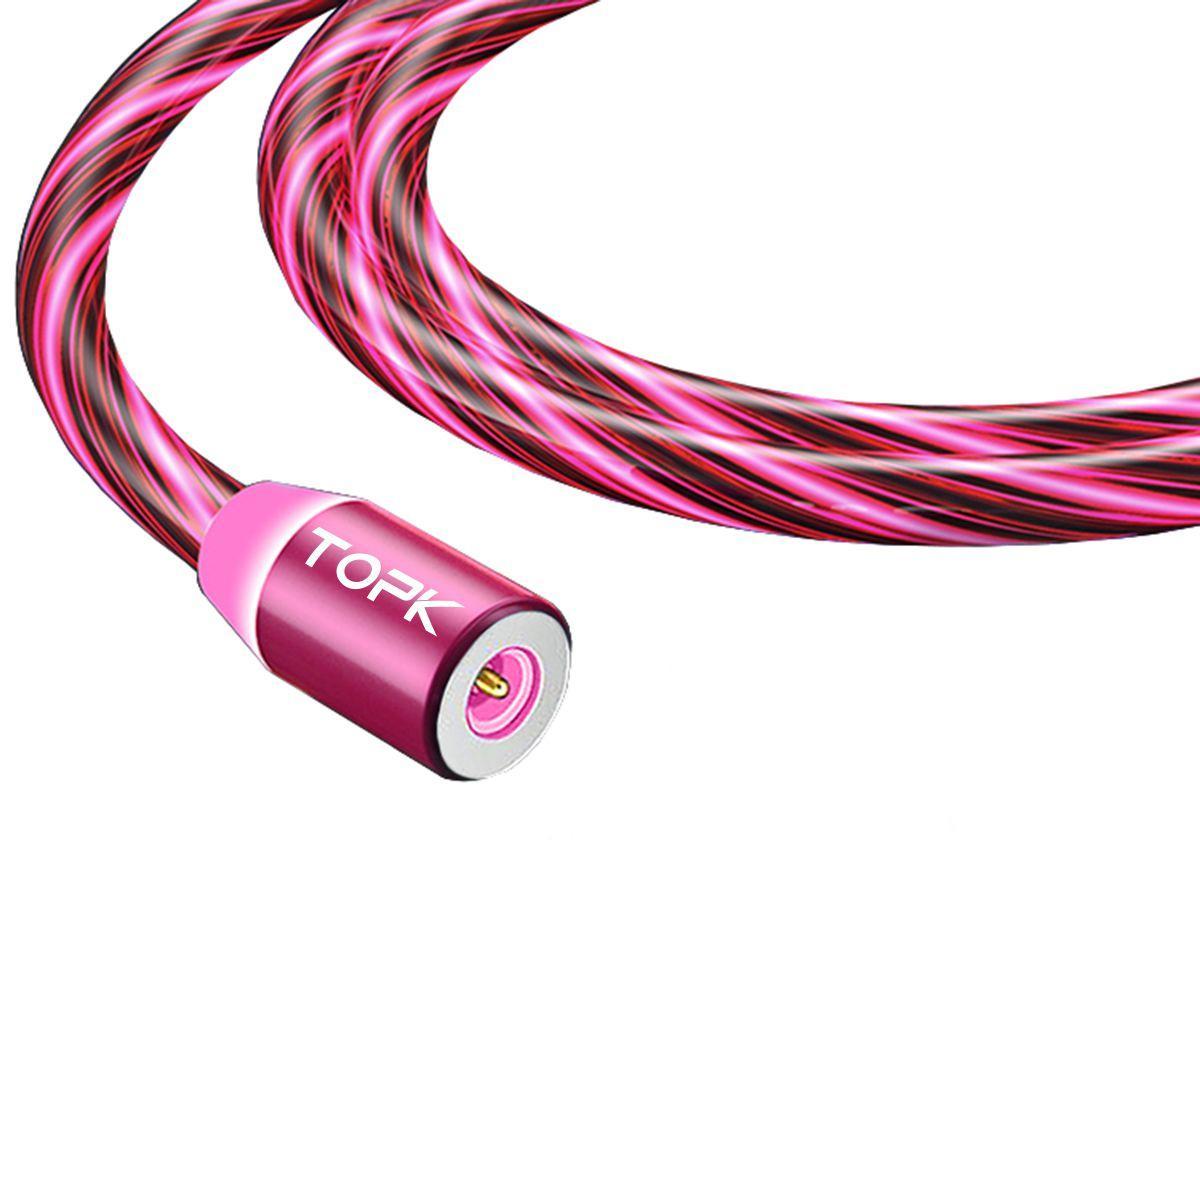 Магнитный кабель TOPK без коннектора (RZ) для зарядки (100 см) Red